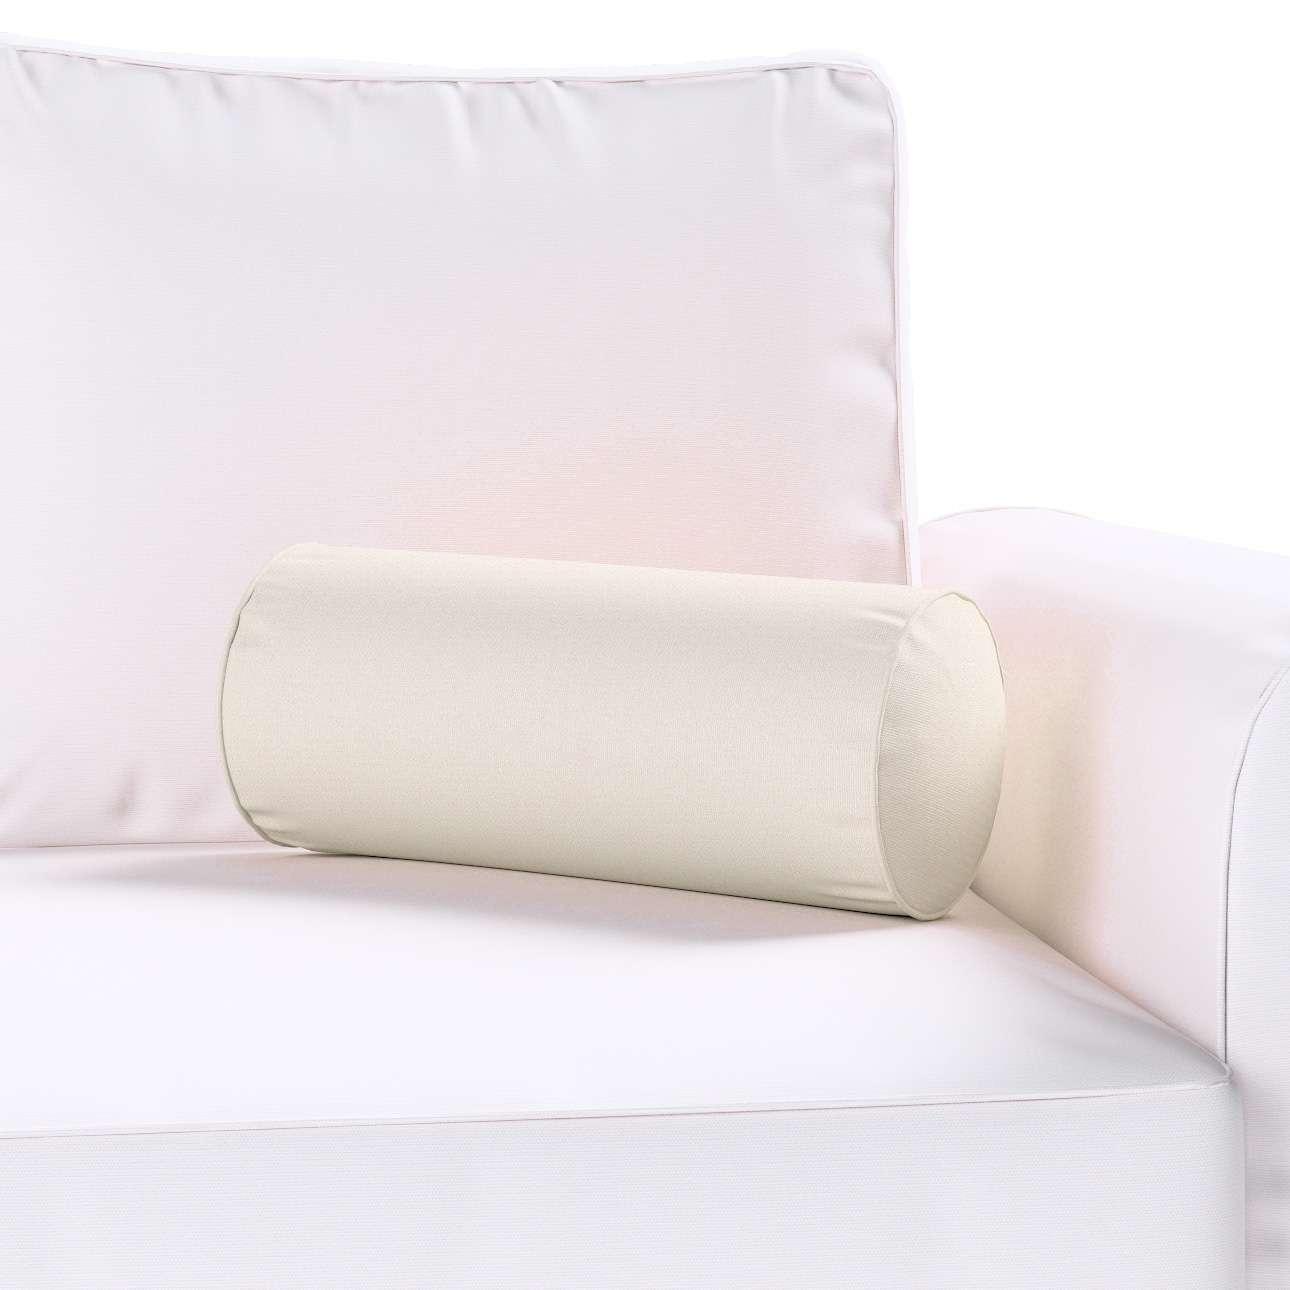 Wałek prosty Ø 16 x 40 cm w kolekcji Cotton Panama, tkanina: 702-31